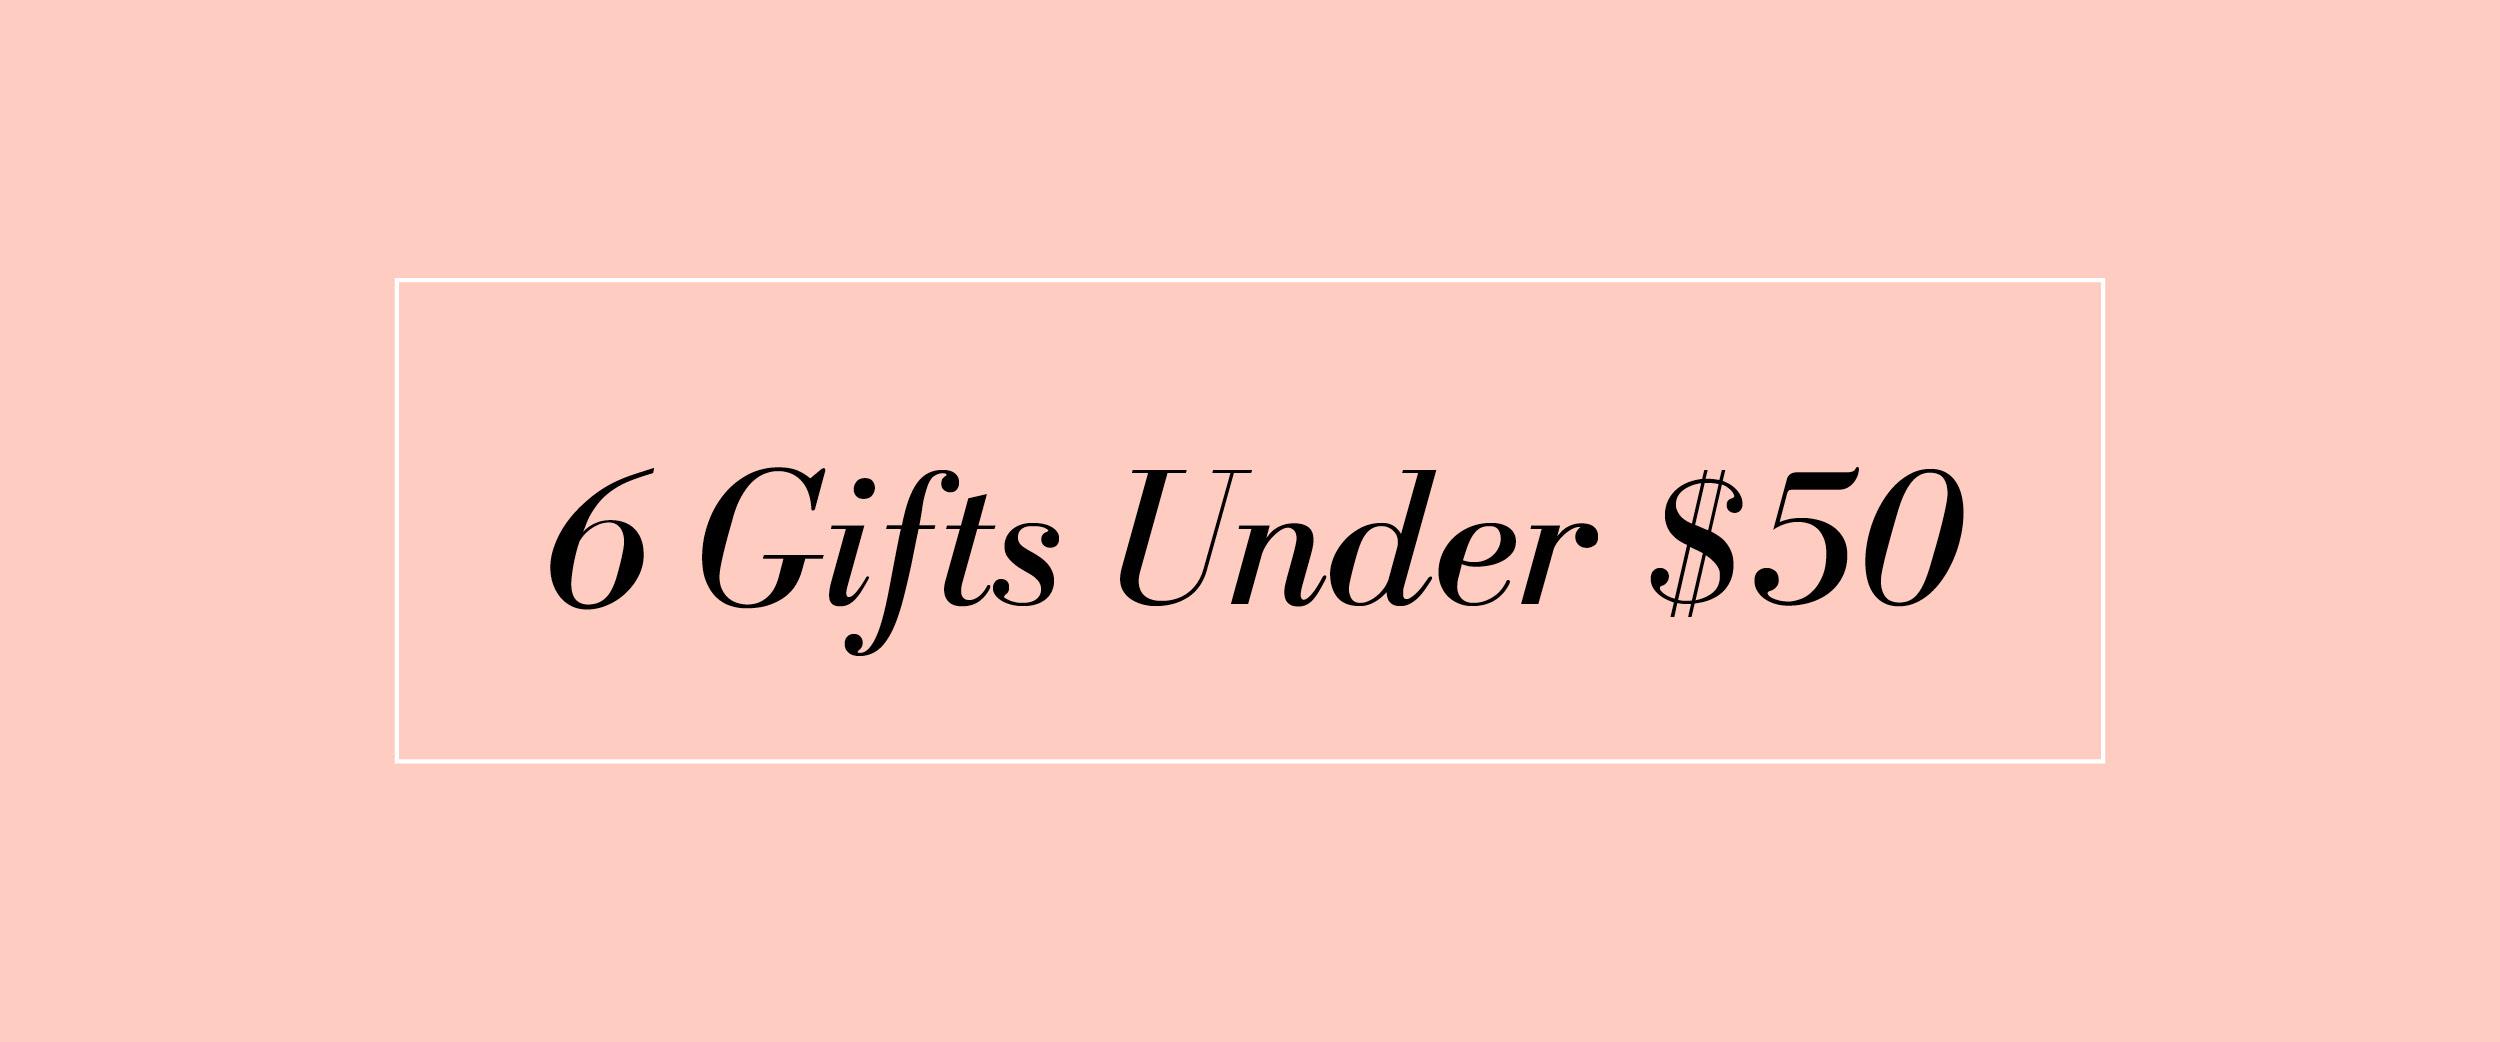 Under-25-Gifts.jpg